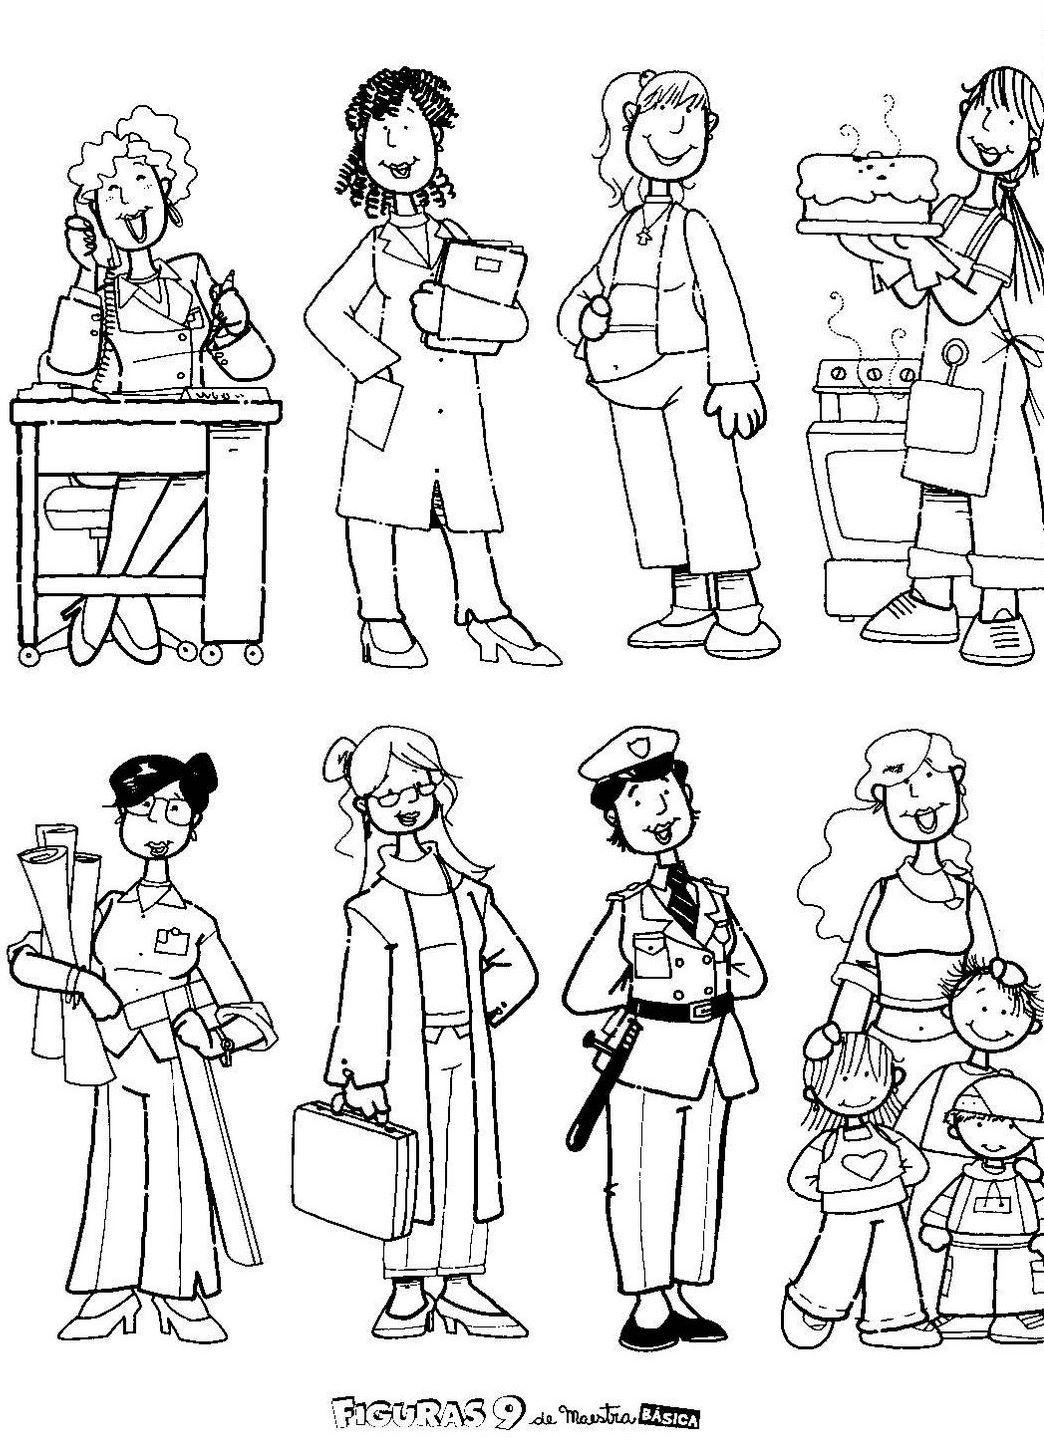 Desenhos Para Colorir De Pessoas – Pampekids Net